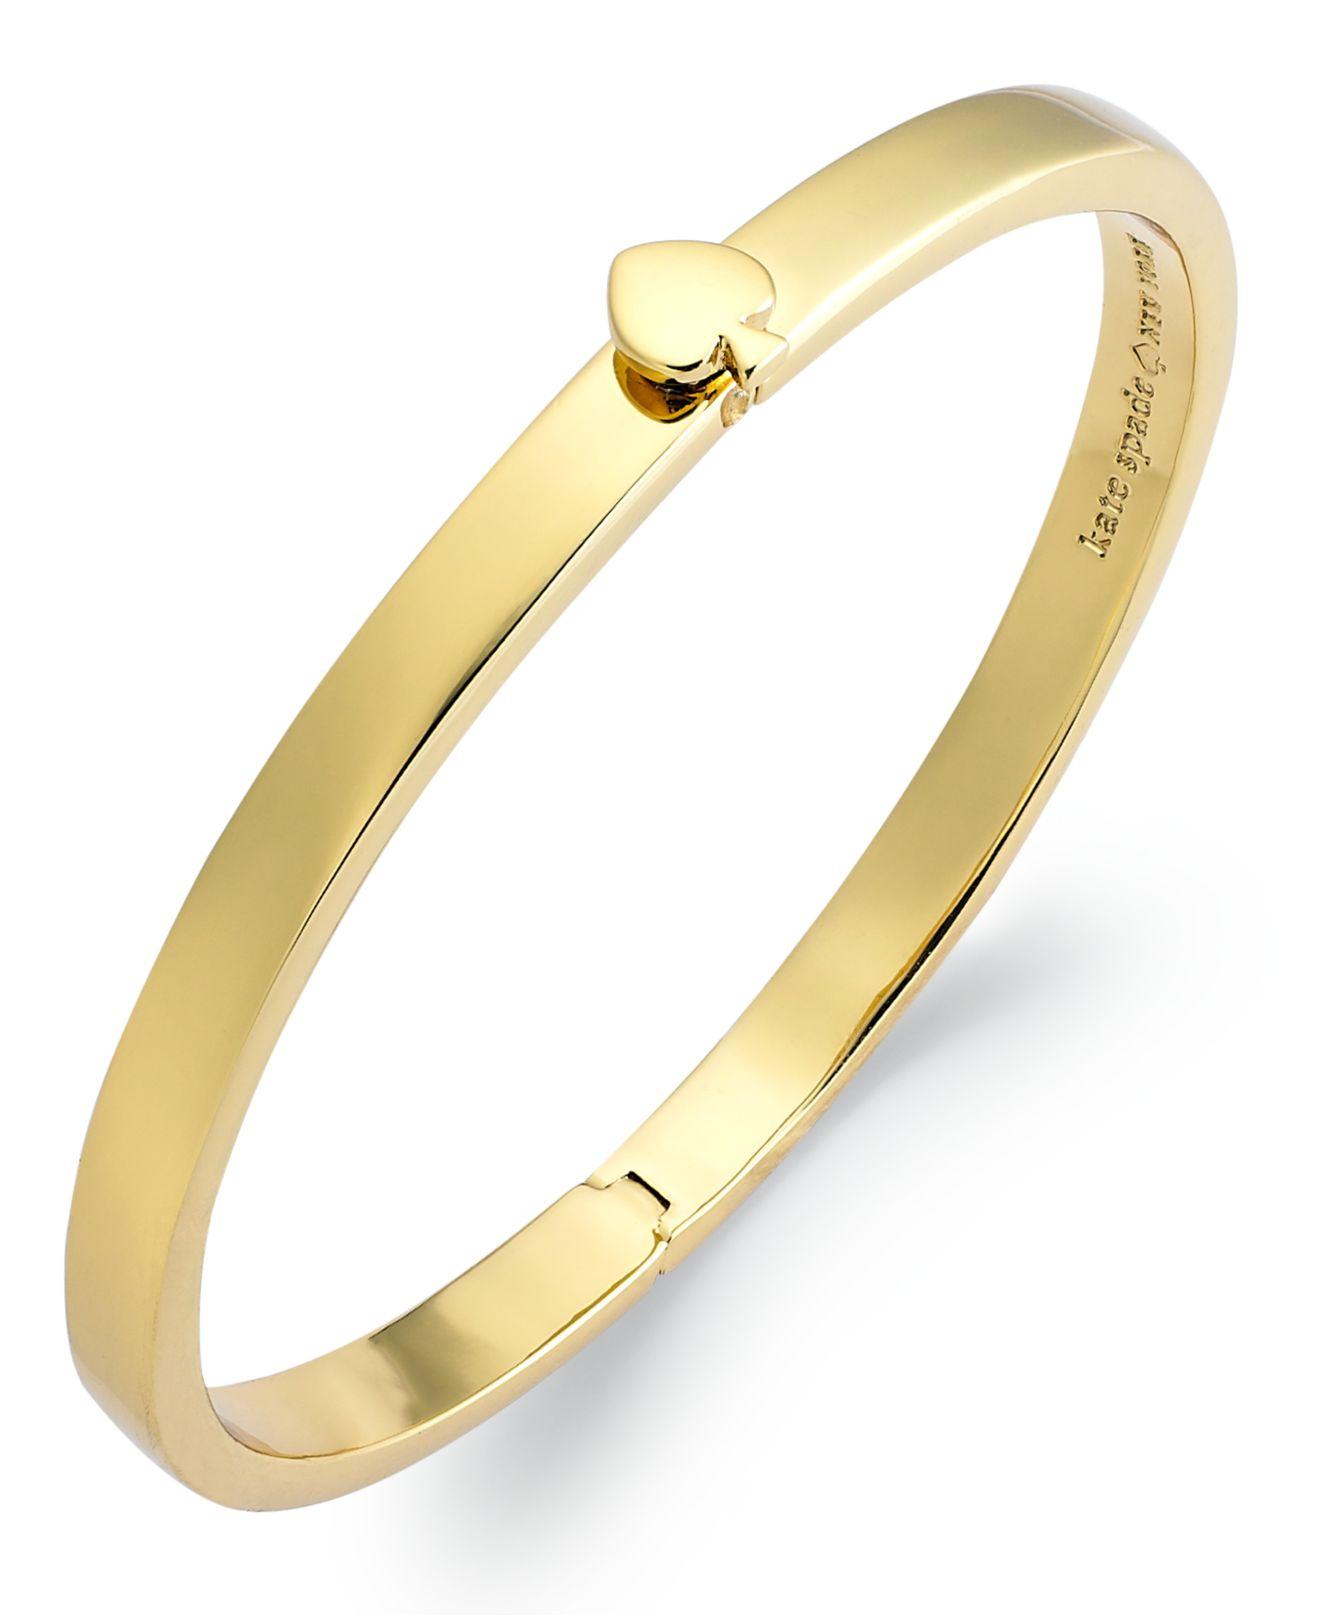 Kate Spade 12k Gold Plated Spade Hinged Thin Bangle